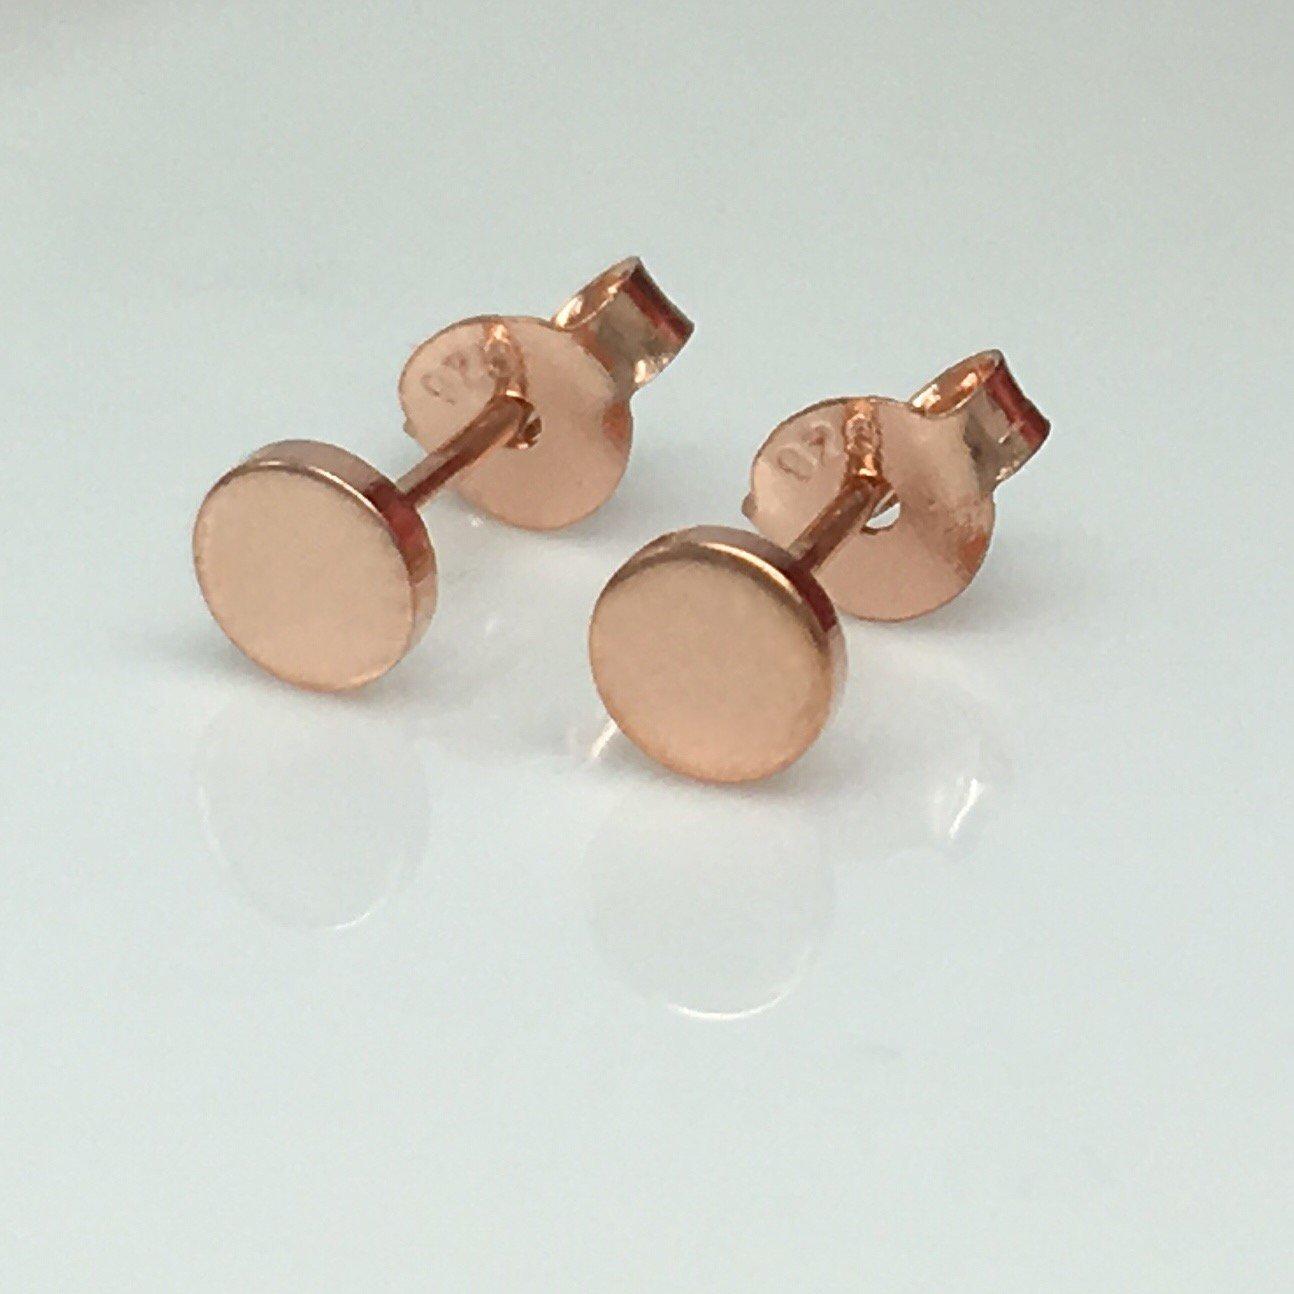 Men's stud earrings, 5mm cartilage stud earring, rose gold, EC4204SY